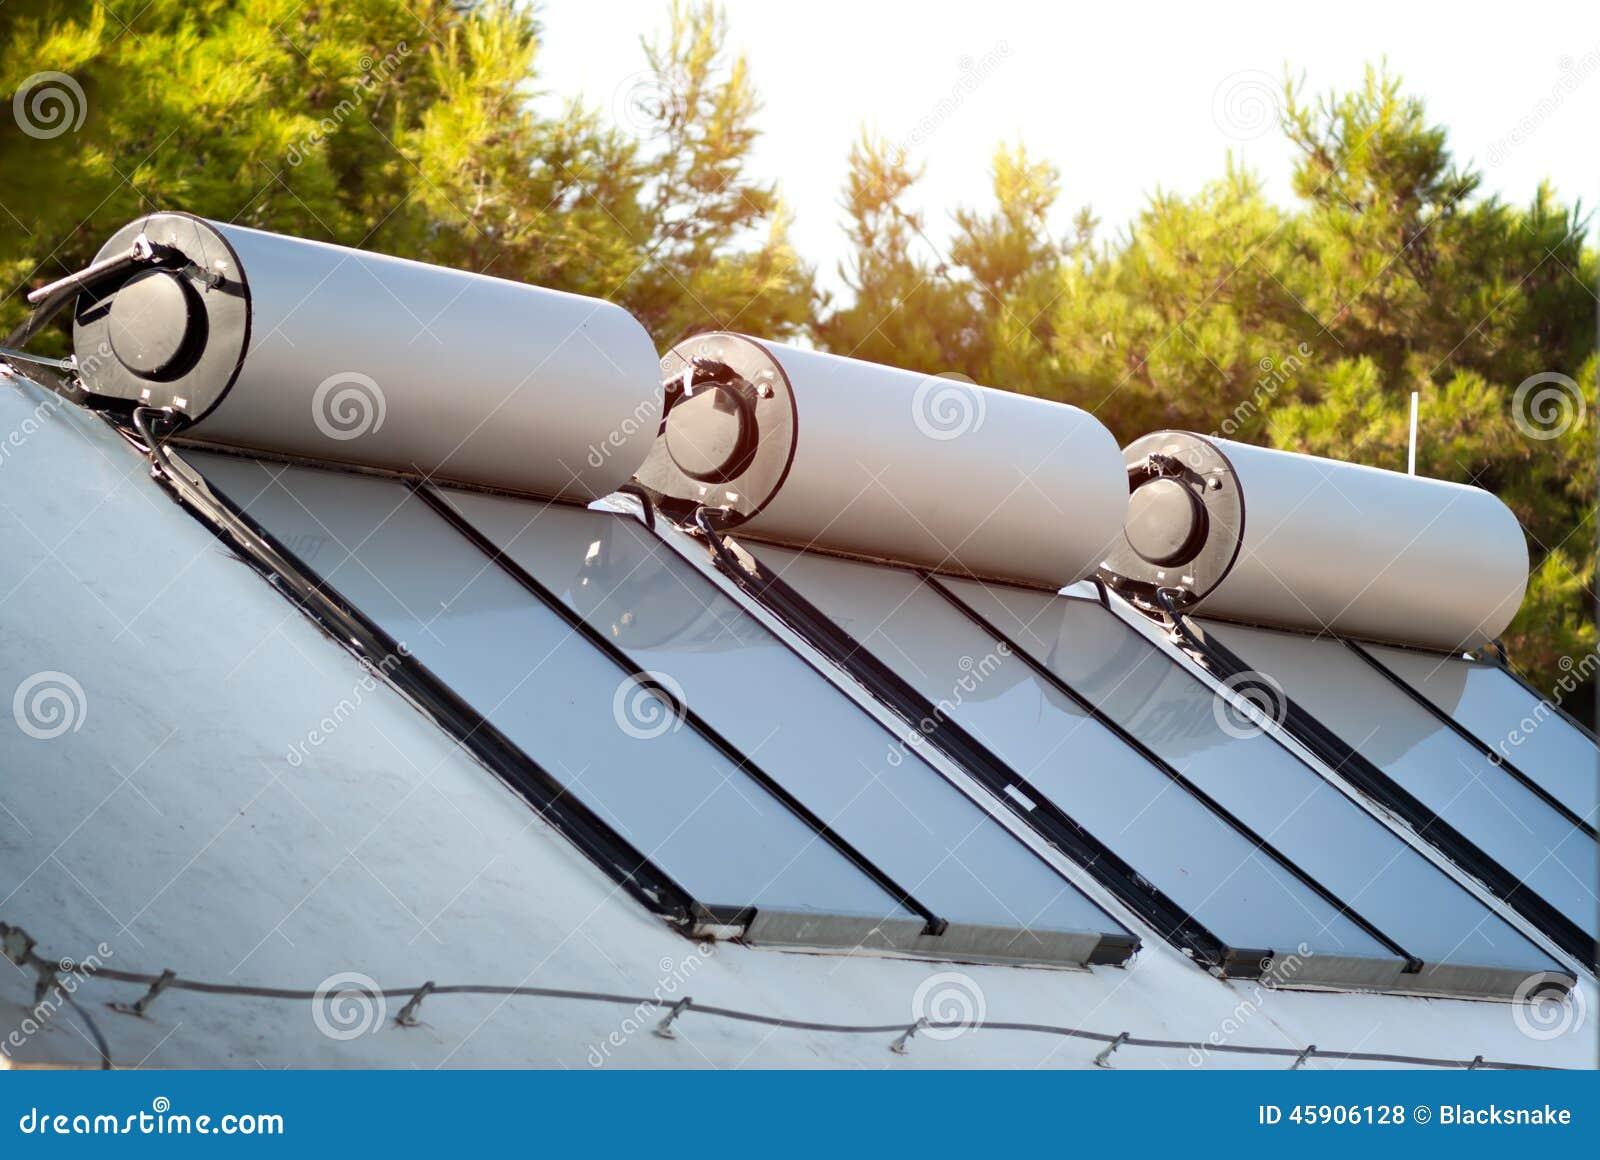 Sonnenkollektoren Und Kessel Für Warmwasserbereitung Stockfoto ...